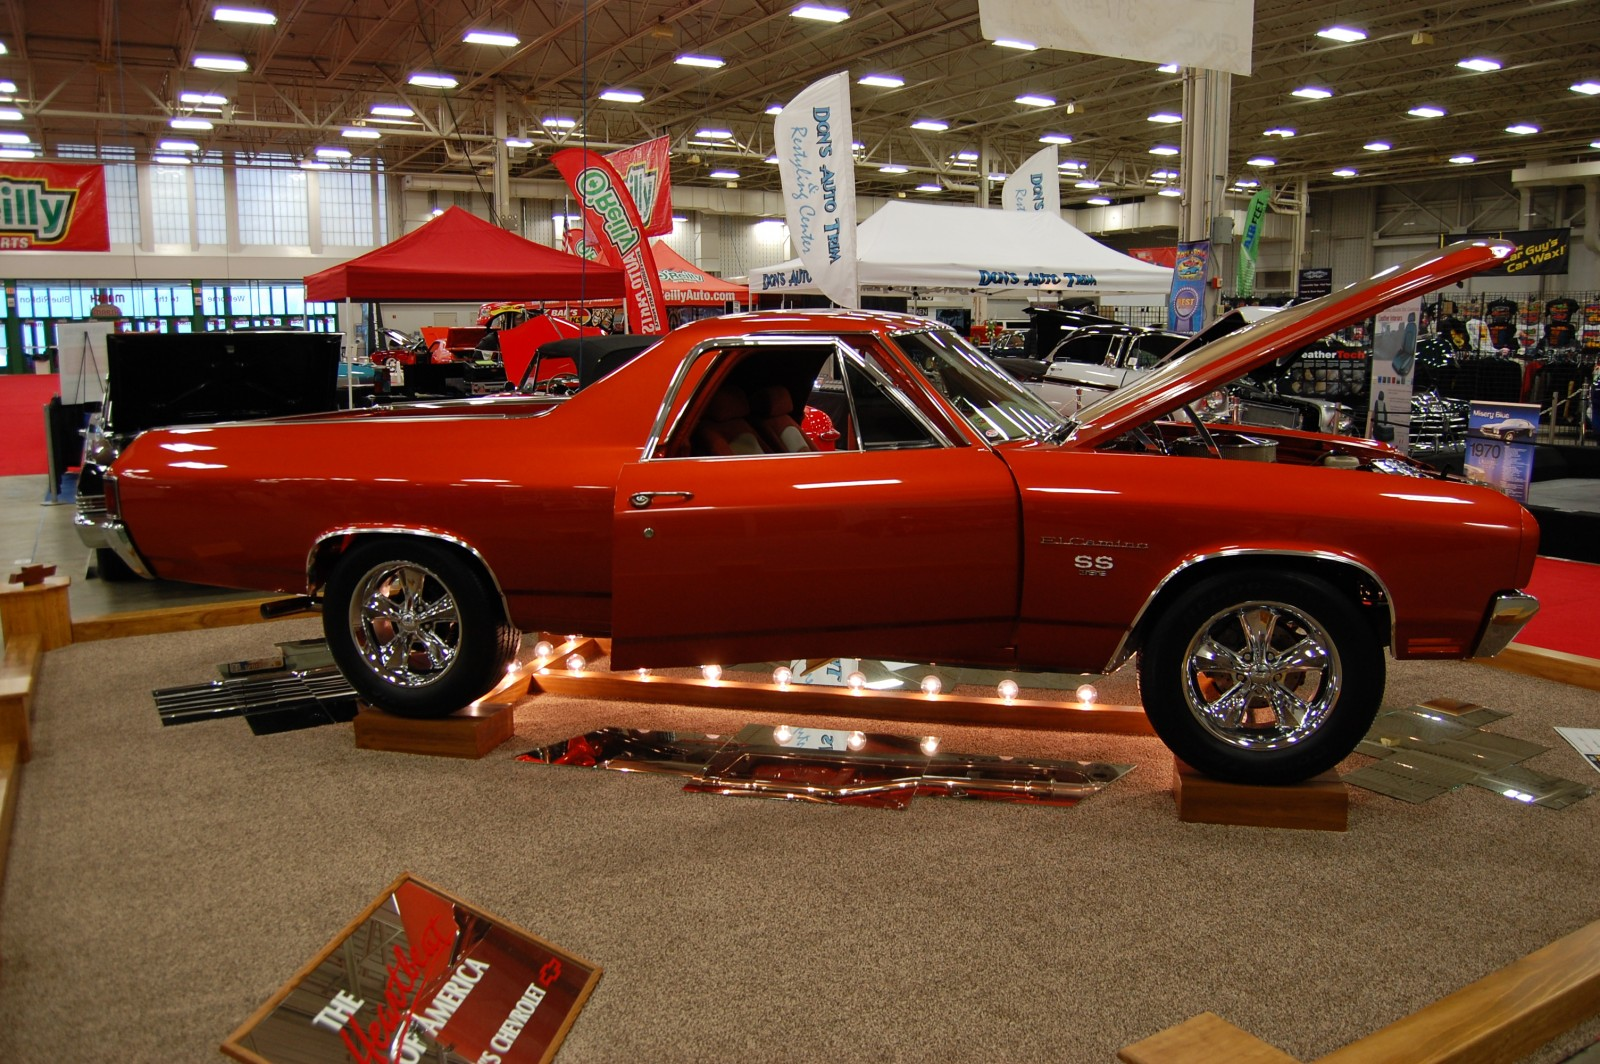 Photo Gallery: Indianapolis World of Wheels 2014 - OnAllCylinders